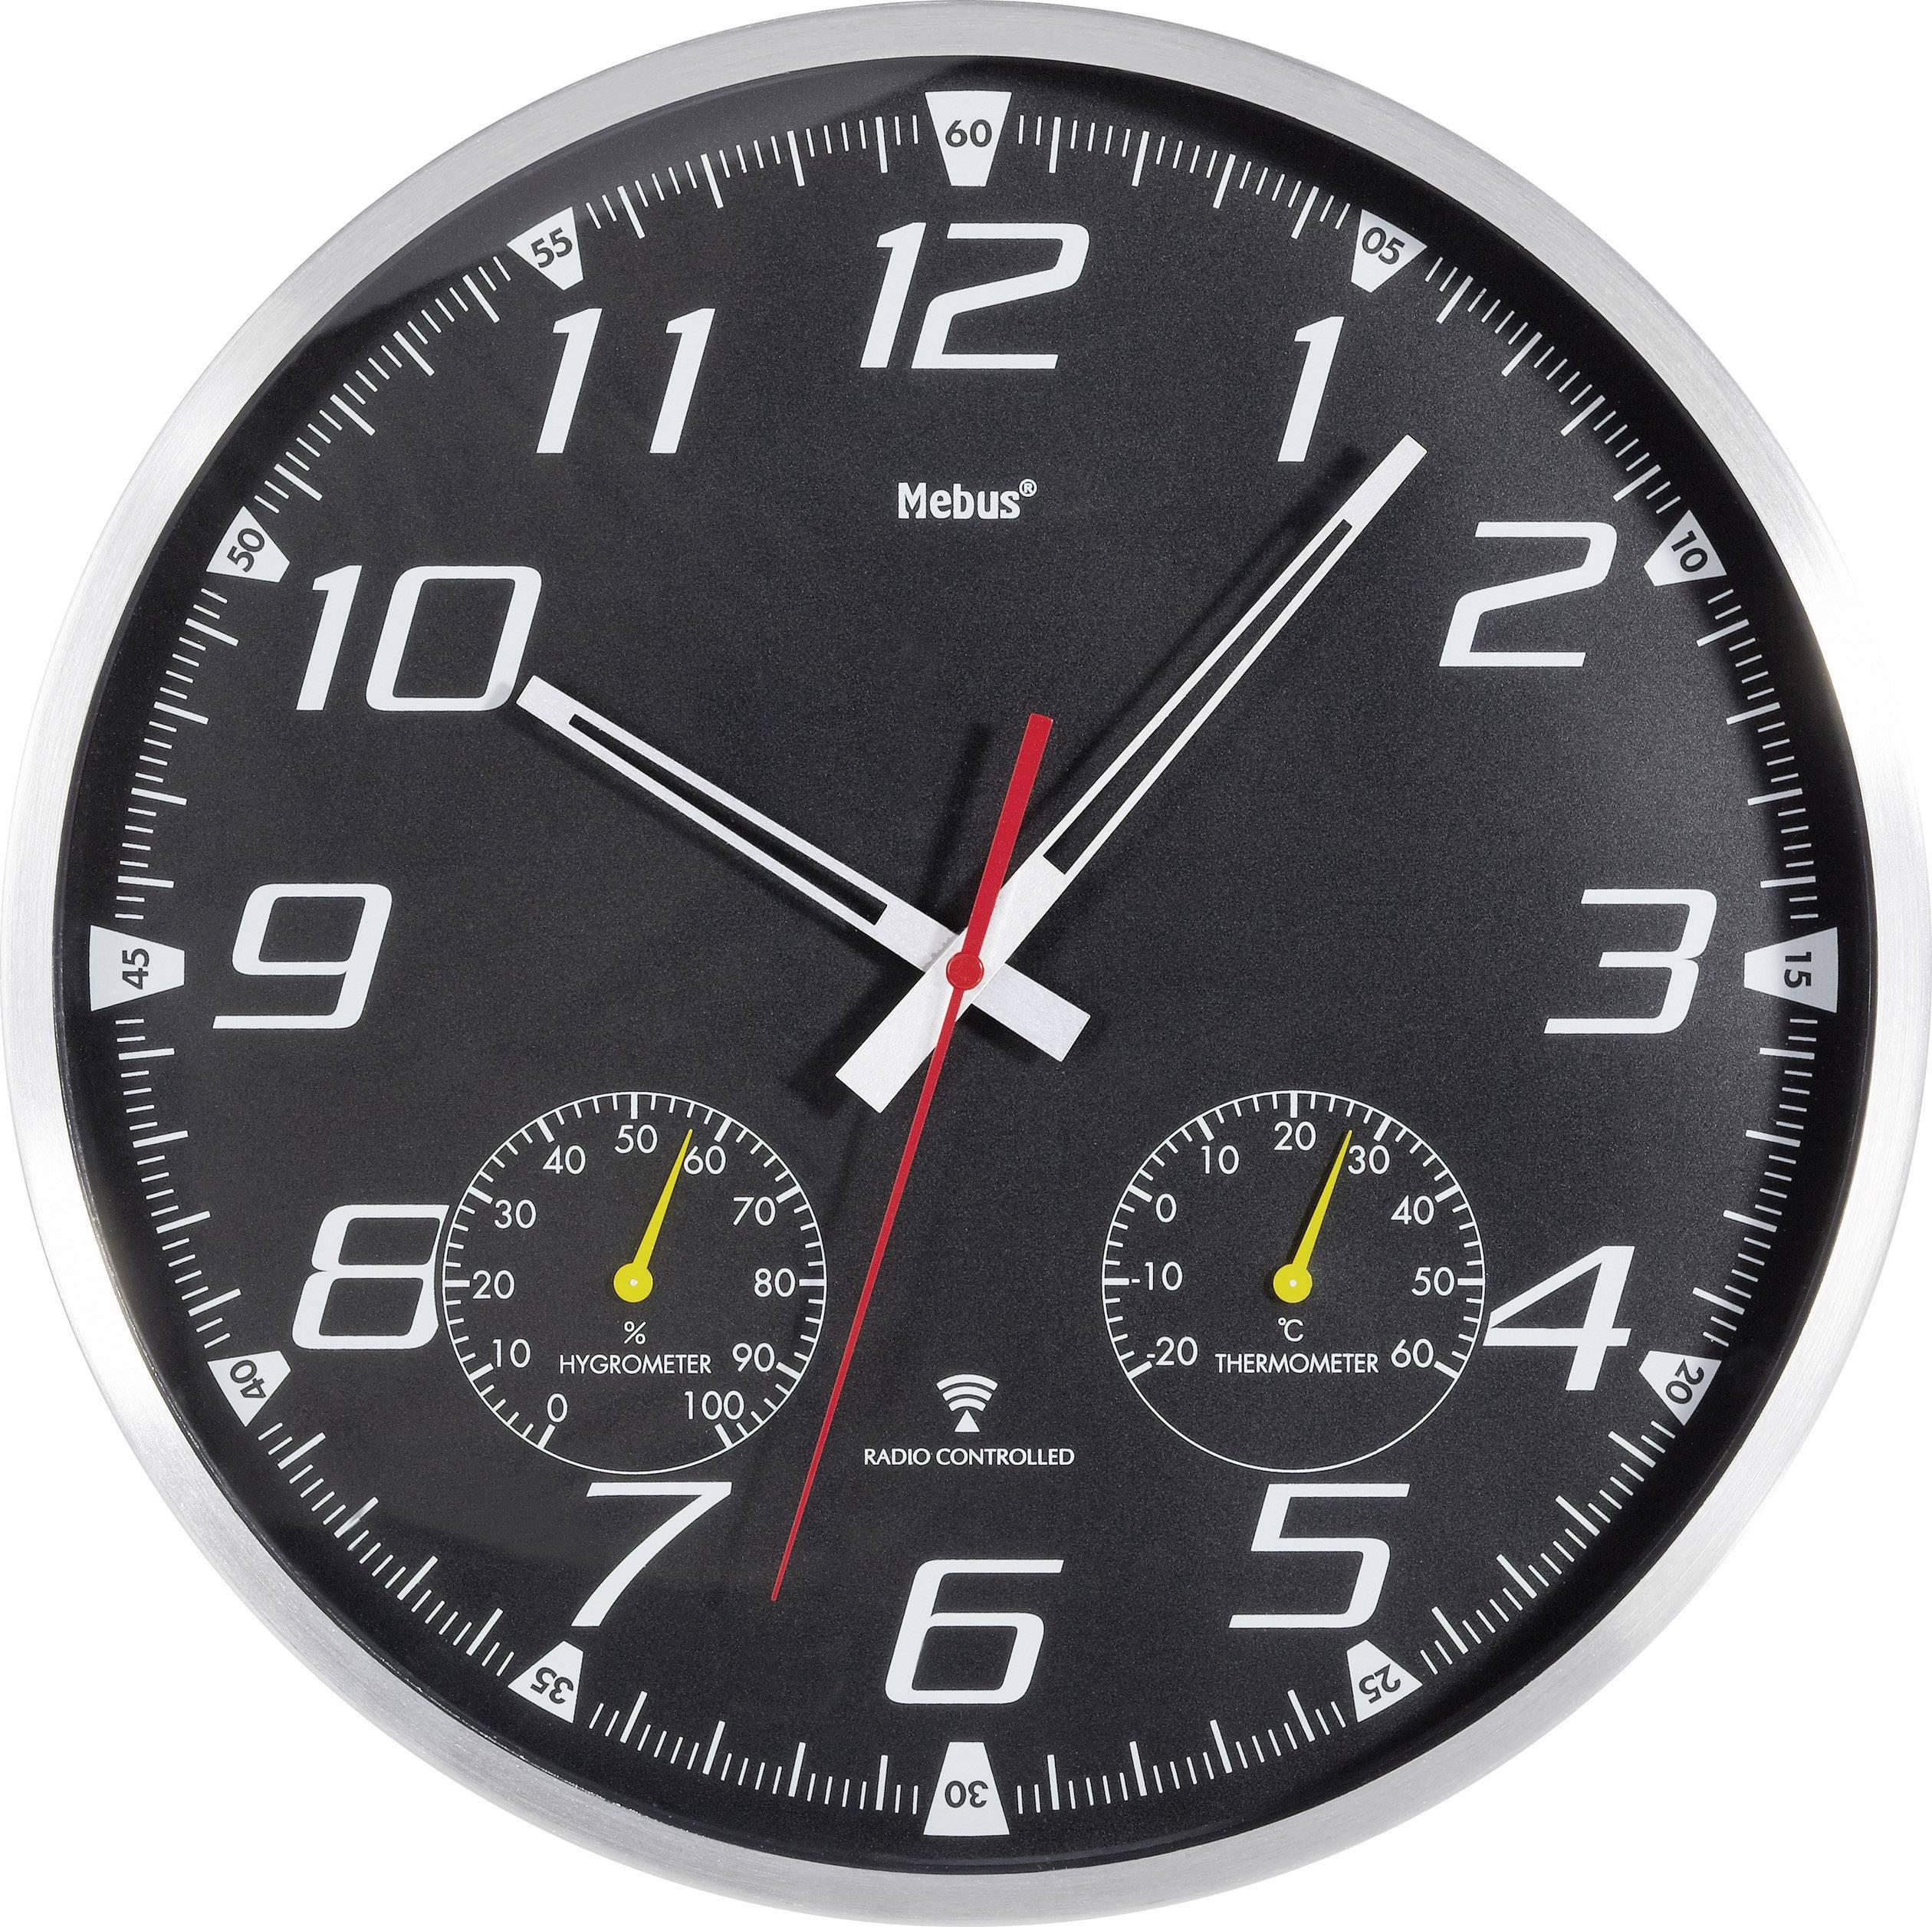 Nástenné DCF hodiny s teplomerom a vlhkomerom, 35 cm, hliník/čierna